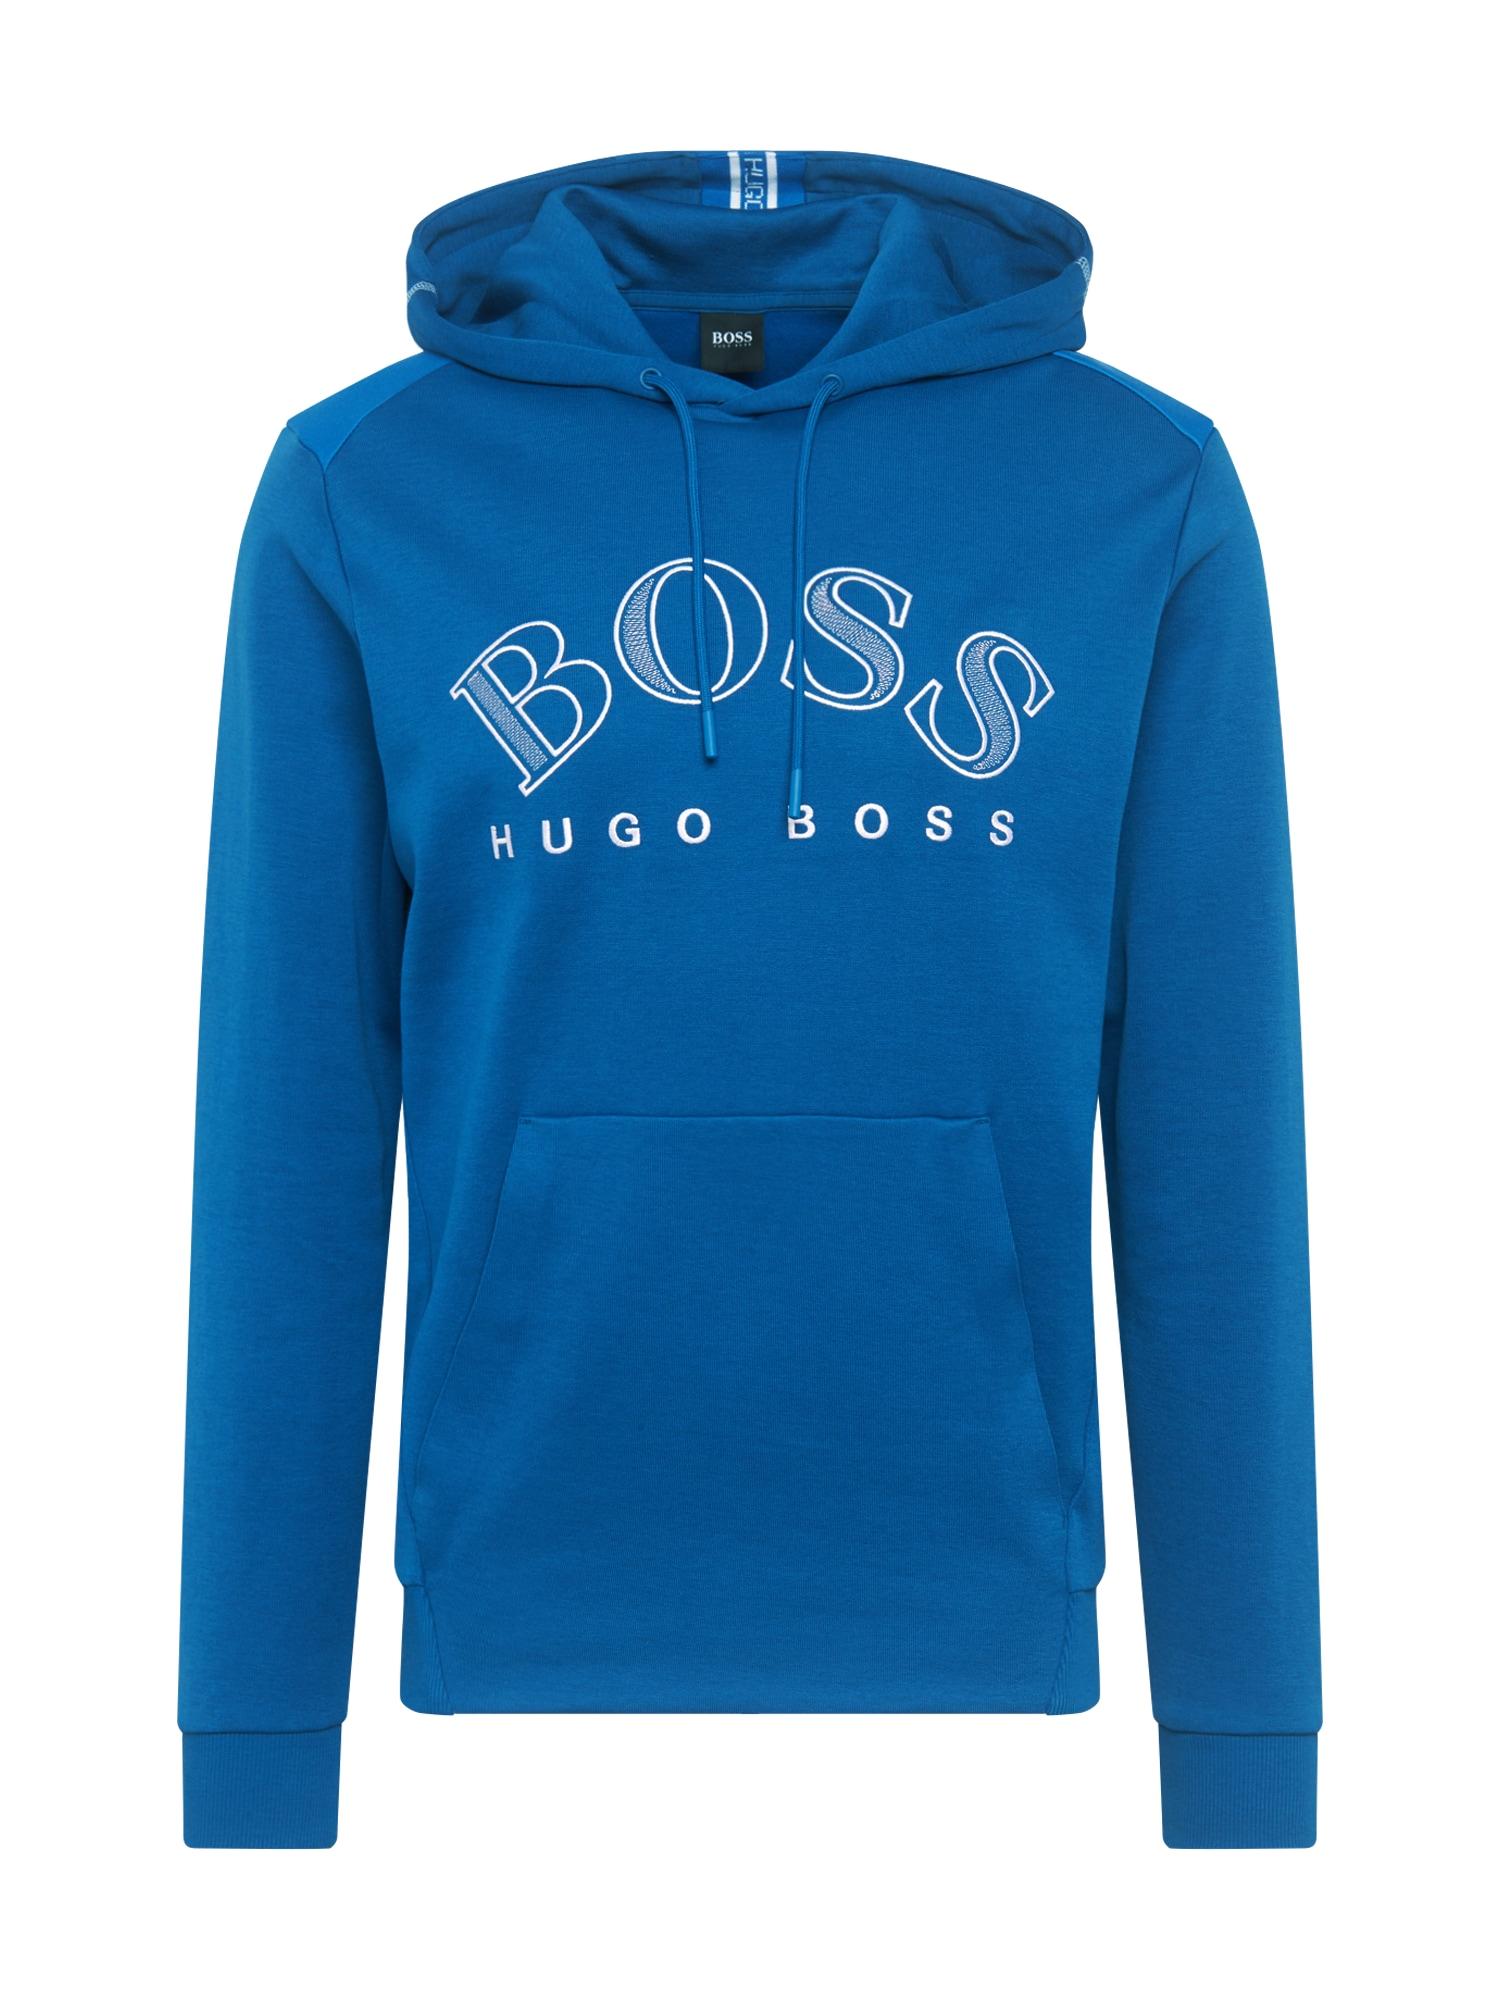 BOSS ATHLEISURE Megztinis be užsegimo 'Soody' mėlyna